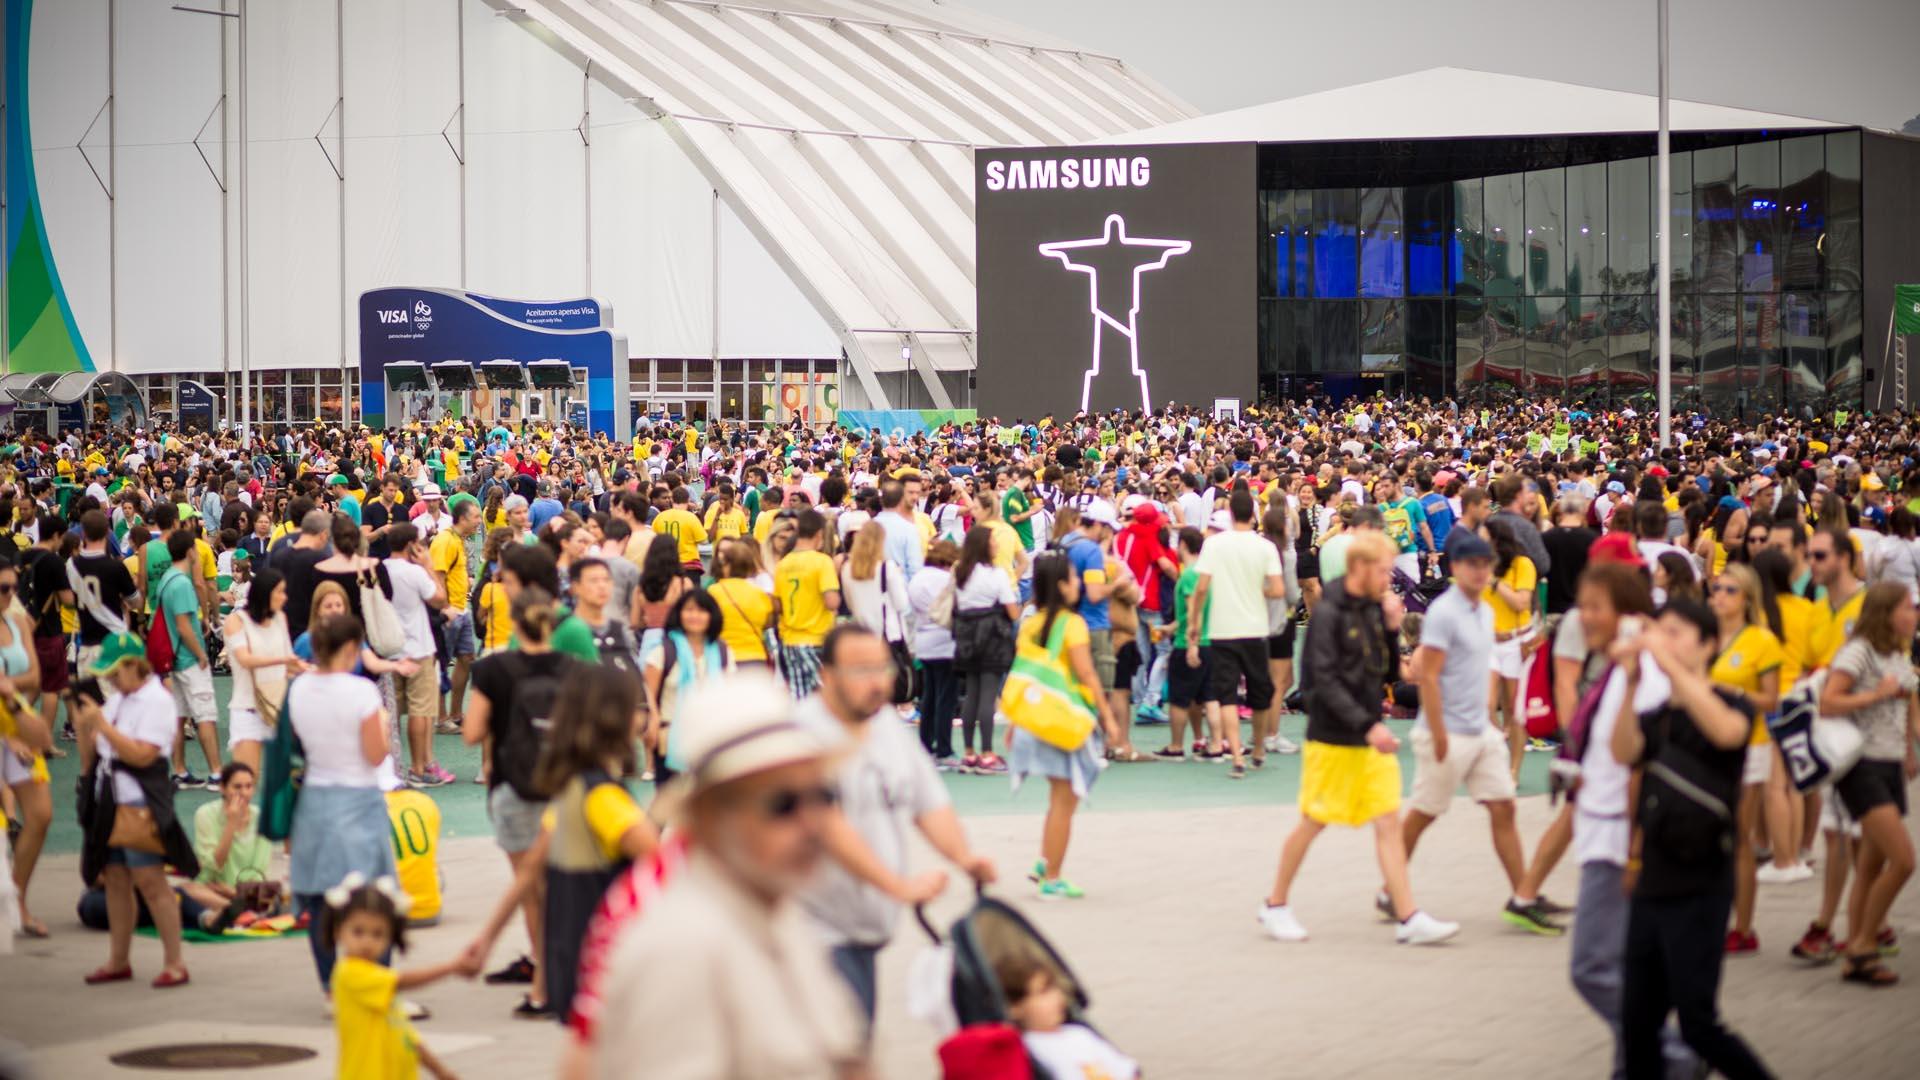 Samsung at Rio